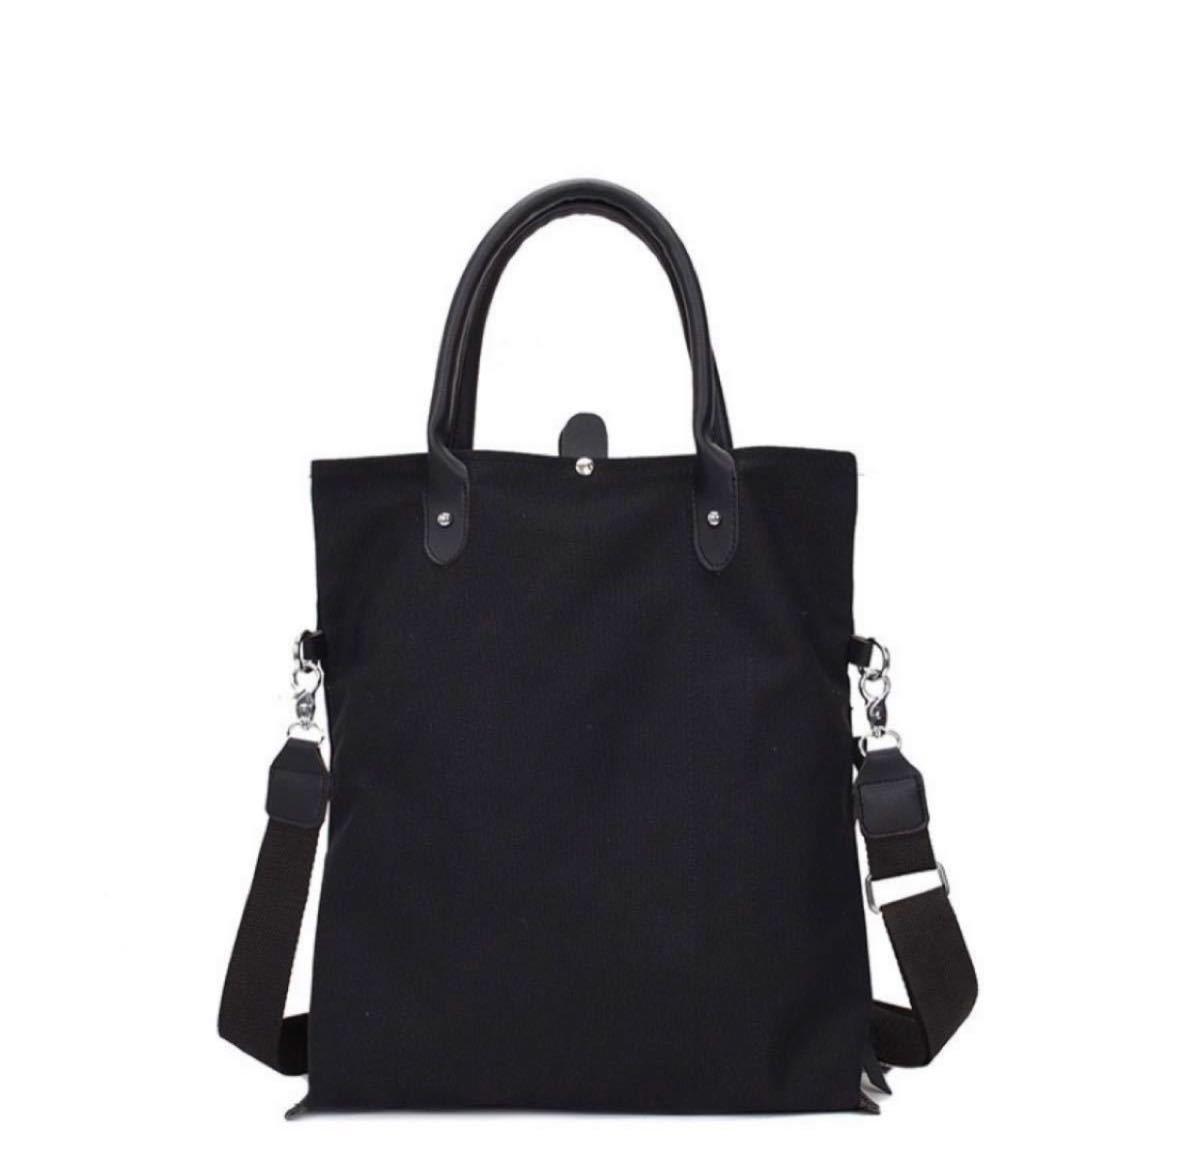 トートバッグ ショルダーバッグ キャンバス 2way 通勤通学バッグ ブラック ビジネスバッグ